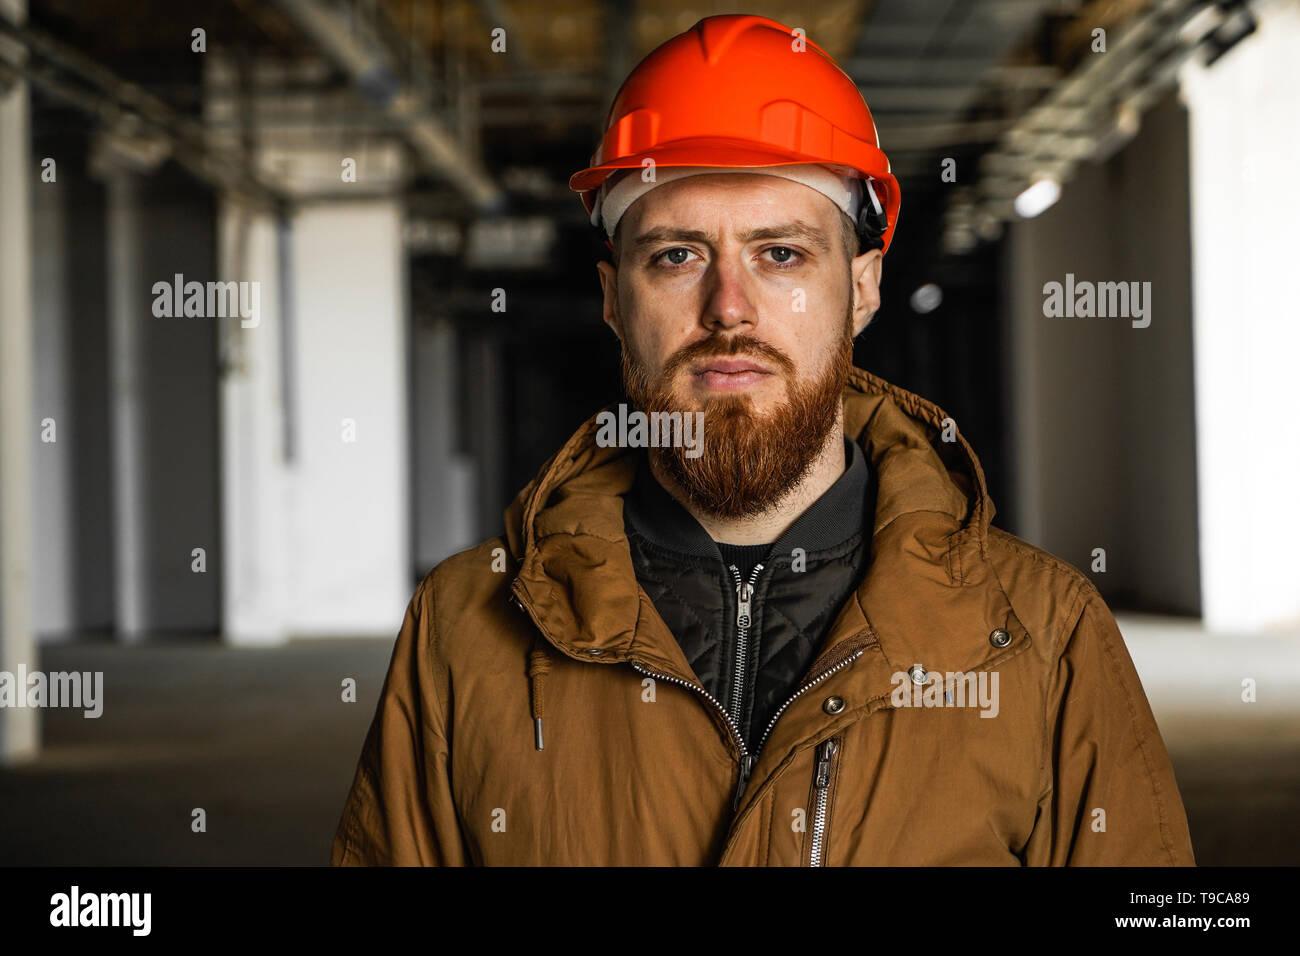 Il piano media ritratto di un uomo adulto in un casco con redhead, valuta, studi, guarda nel telaio, orizzontale dello spazio libero e la prospettiva Immagini Stock